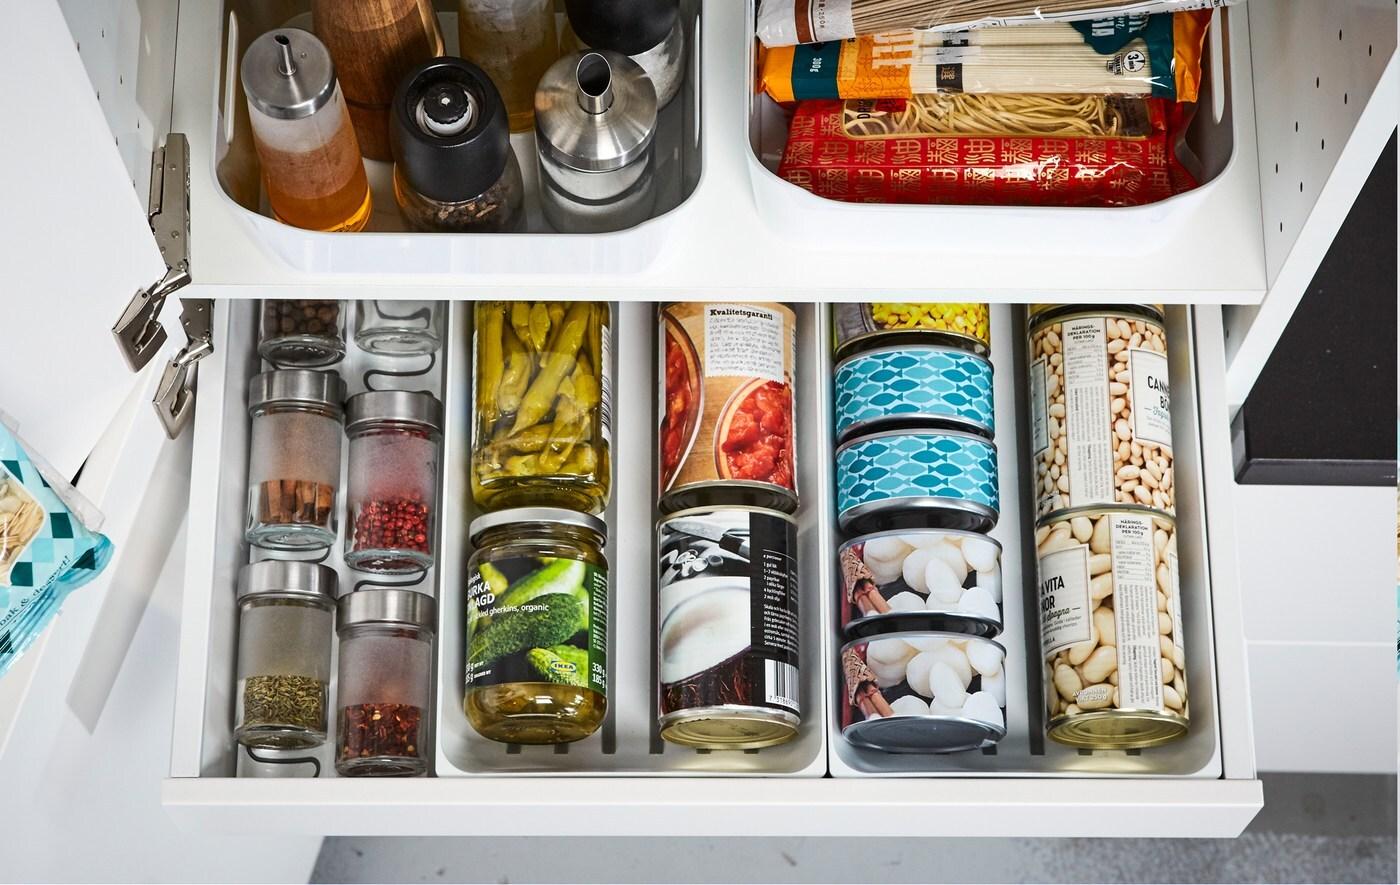 Il cassetto bianco IKEA MAXIMERA è la soluzione per contenitori di spezie, barattoli e scatole di conserve. Nei contenitori VARIERA di plastica bianca trovano posto barattoli, lattine e contenitori per spezie. - IKEA